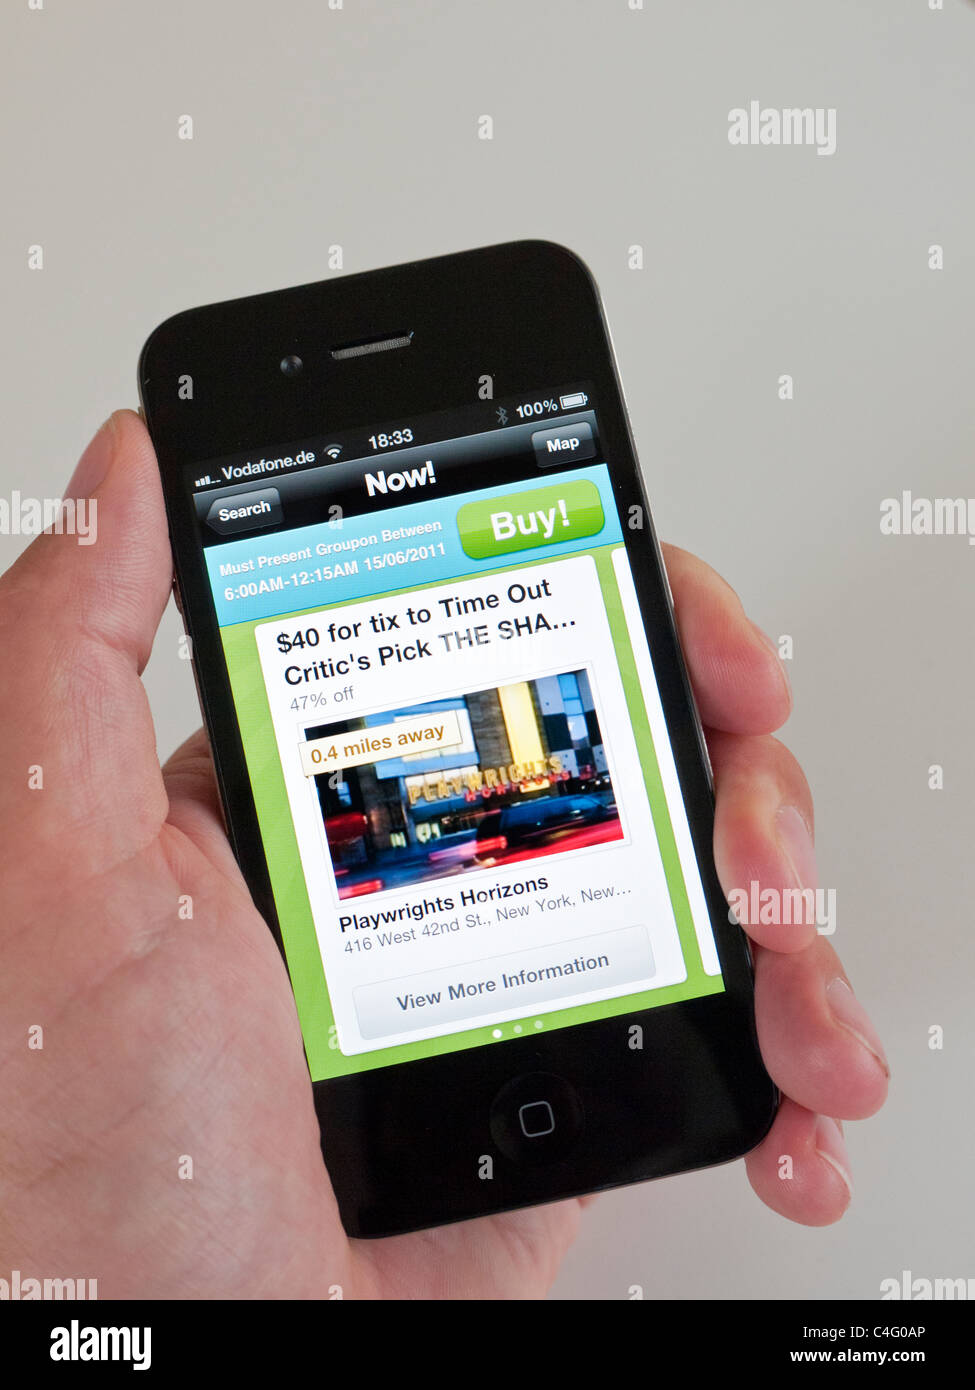 Utilizando app Groupon para buscar tratar en la Ciudad de Nueva York en el iPhone 4G teléfono inteligente. Imagen De Stock